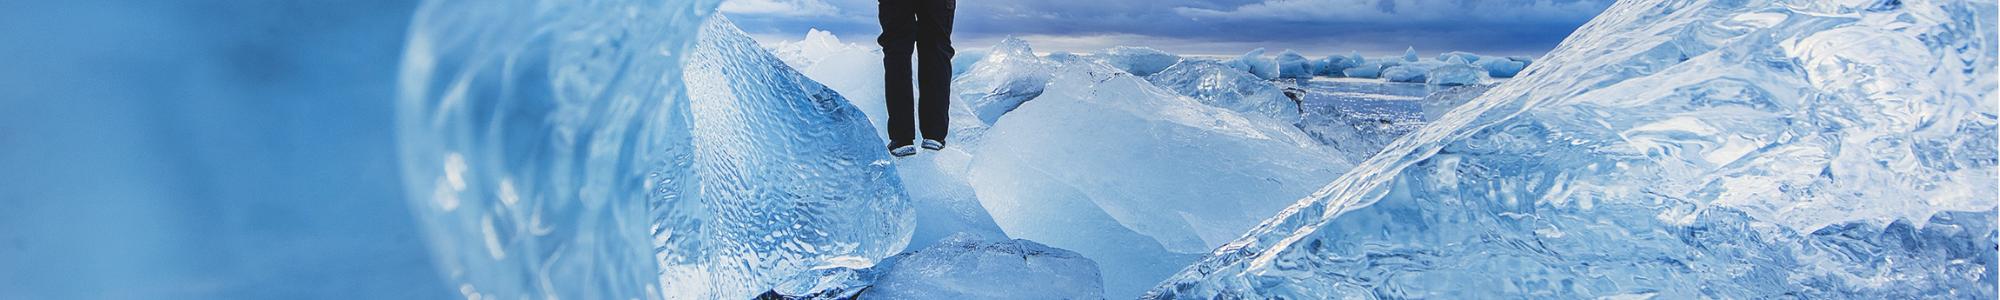 Mann im Eis